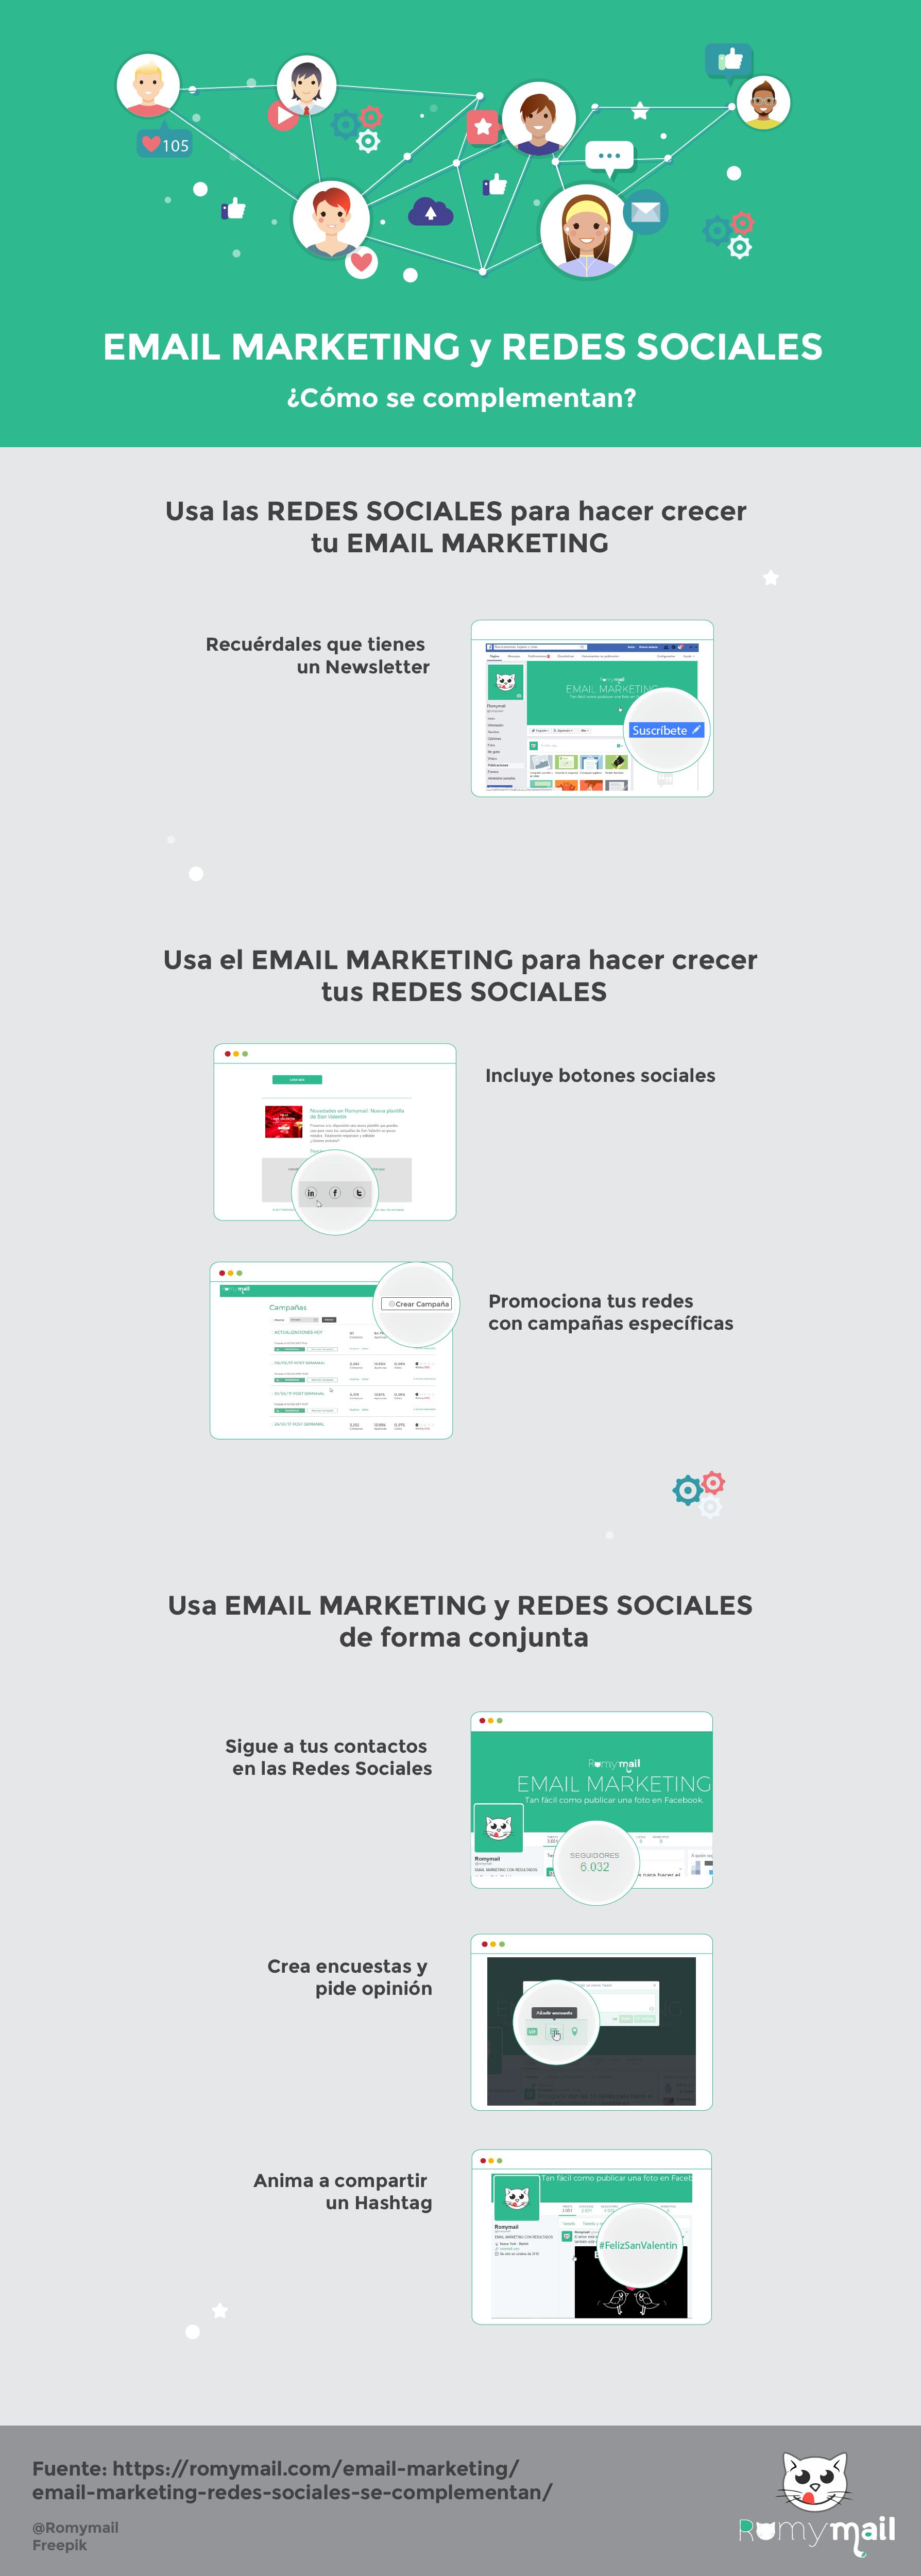 Infografía Email Marketing y Redes Sociales